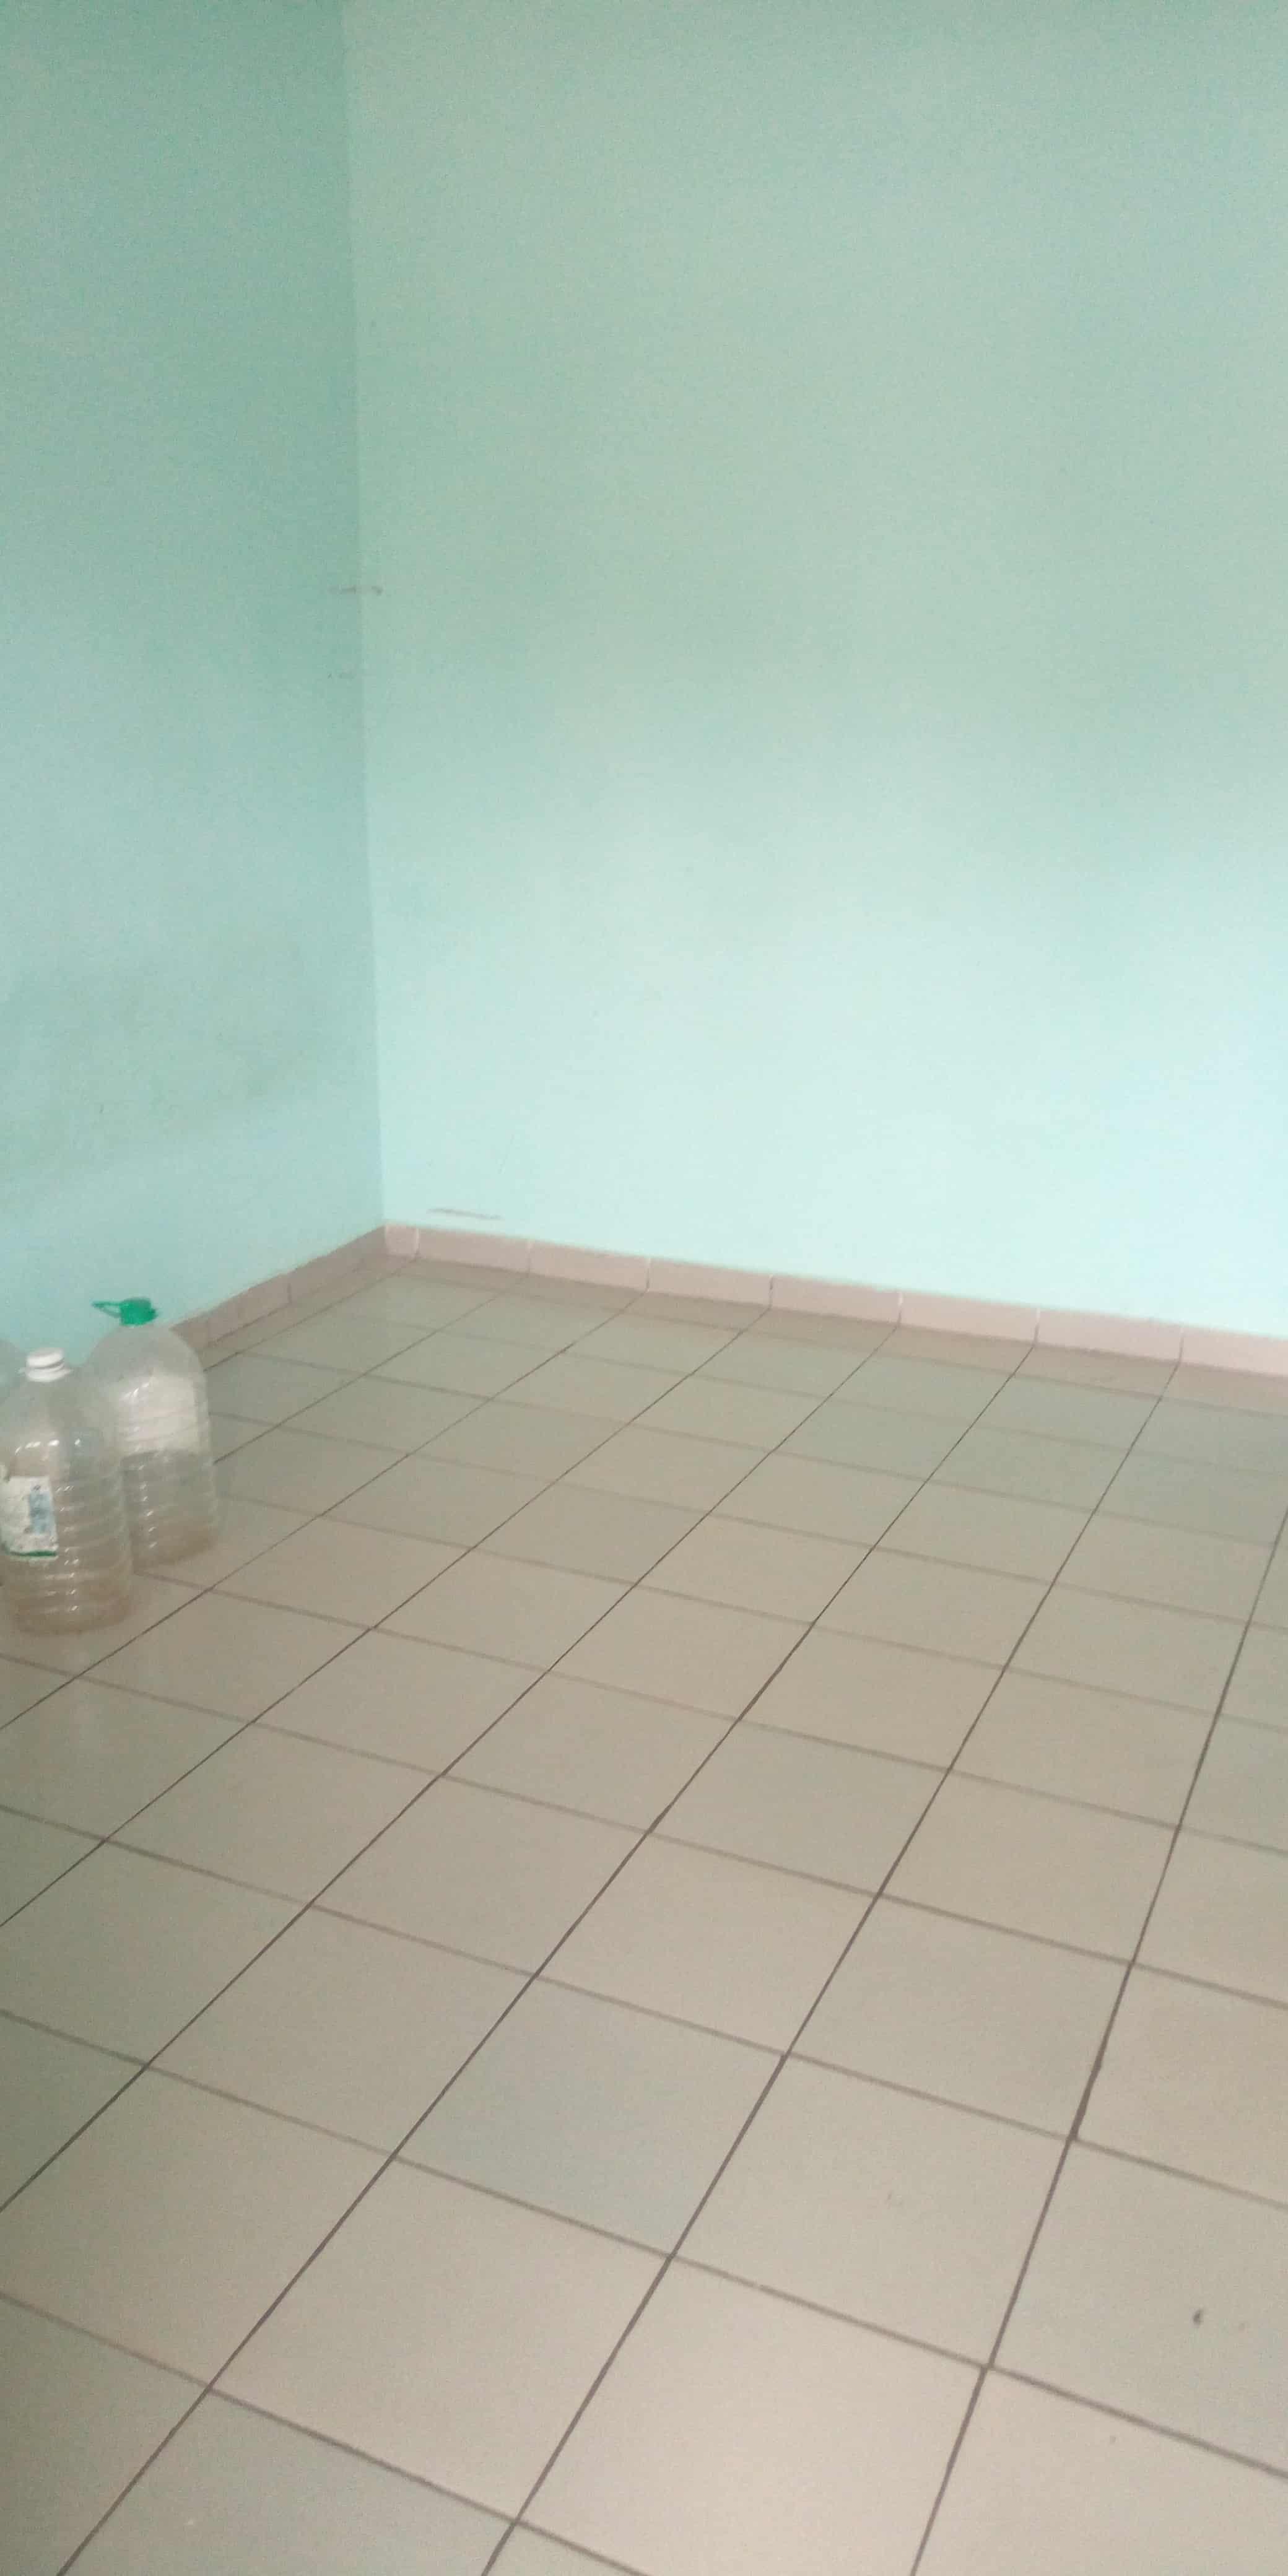 Studio to rent - Yaoundé, Biyem-Assi, Chambre moderne à louer à Yaoundé biyem assi lycée - 32 500 FCFA / month